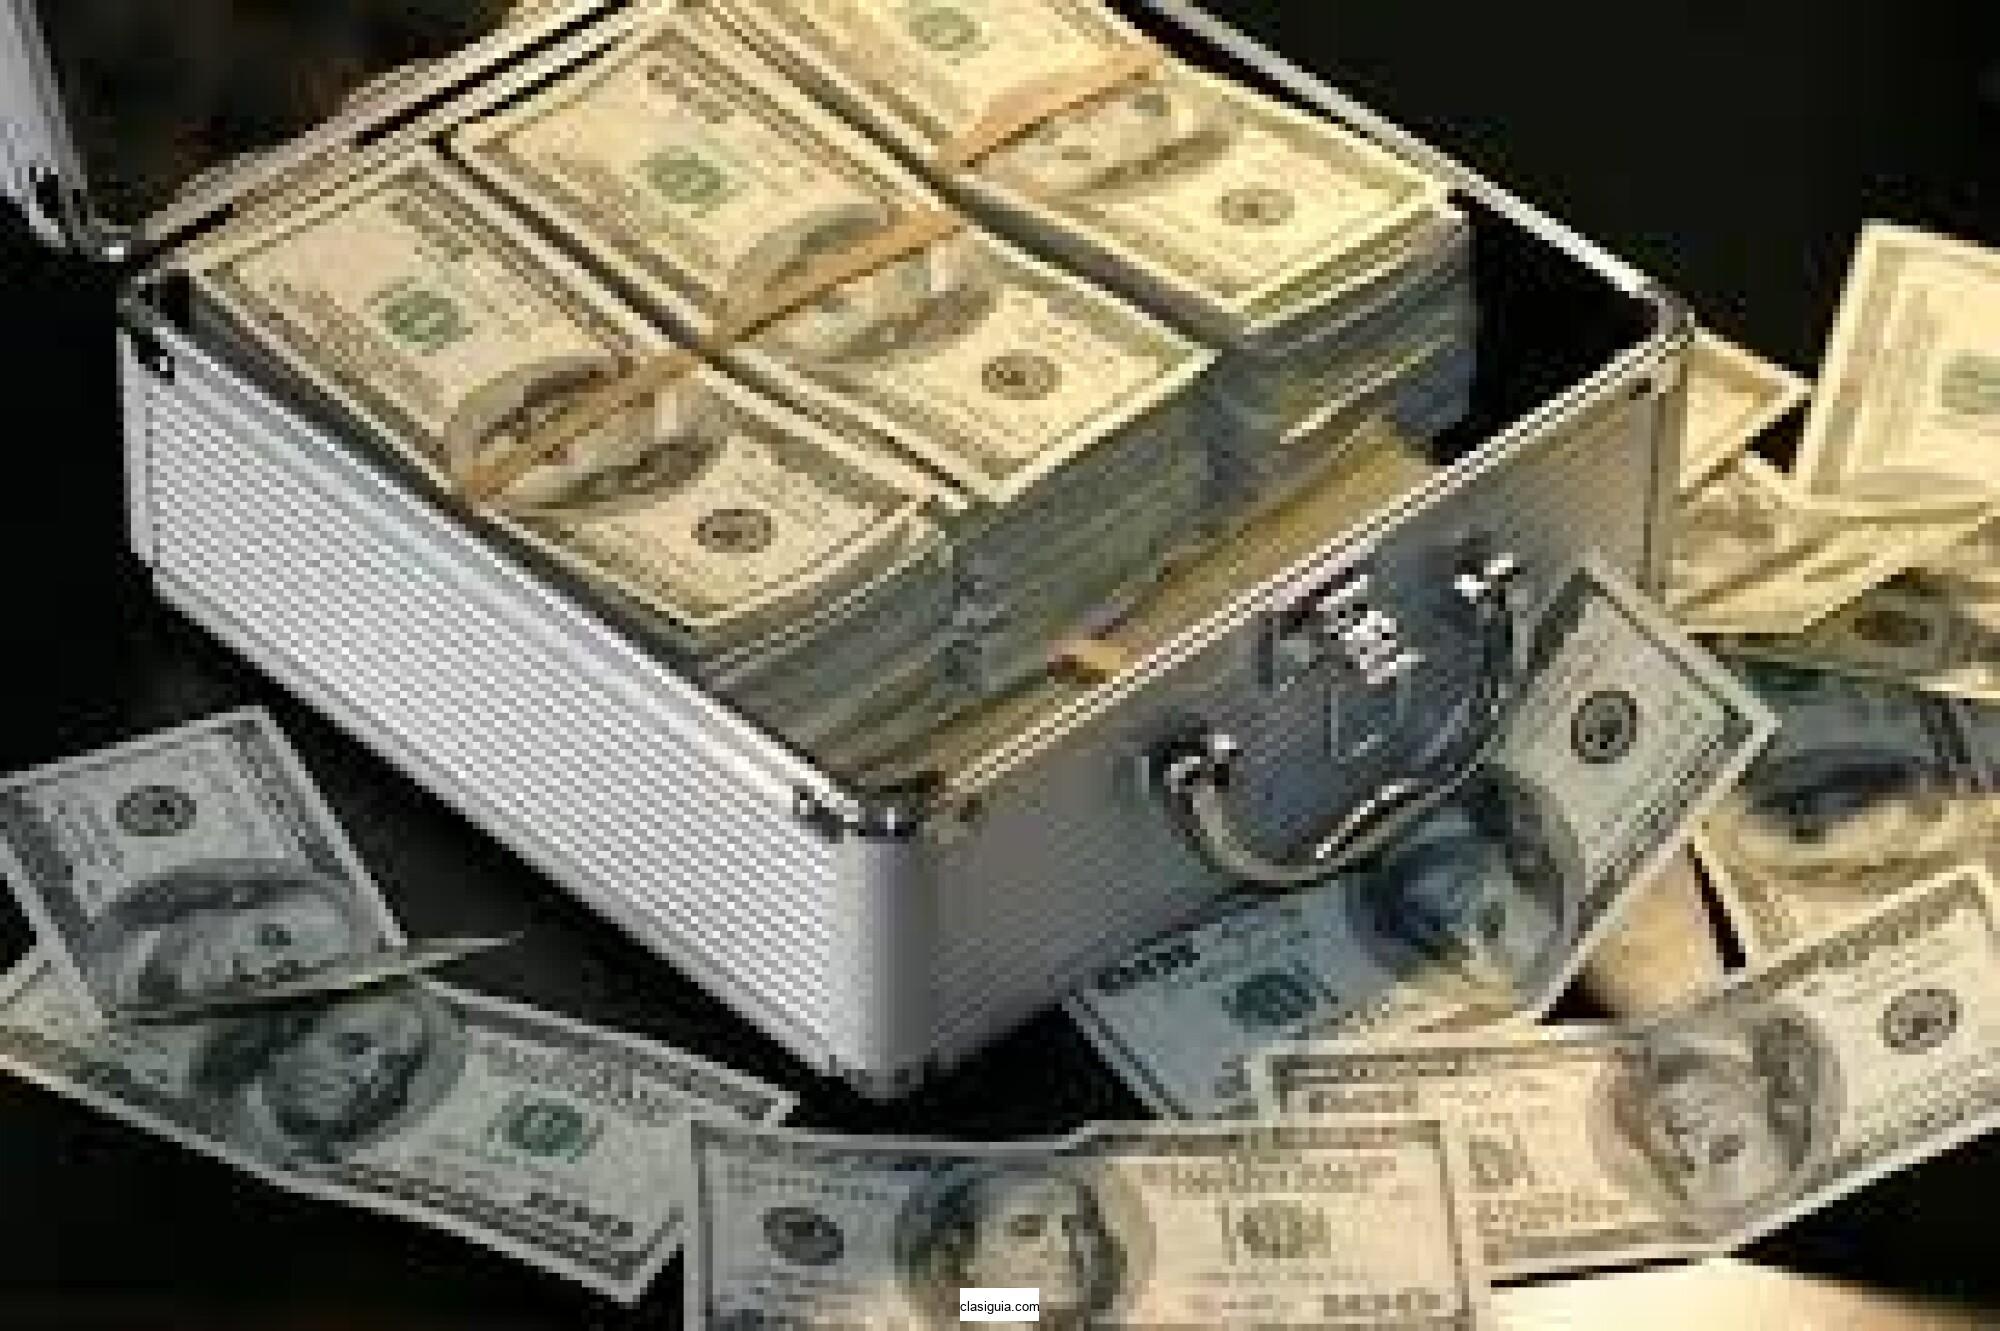 Oferta de financiación muy fiable entre particulares.